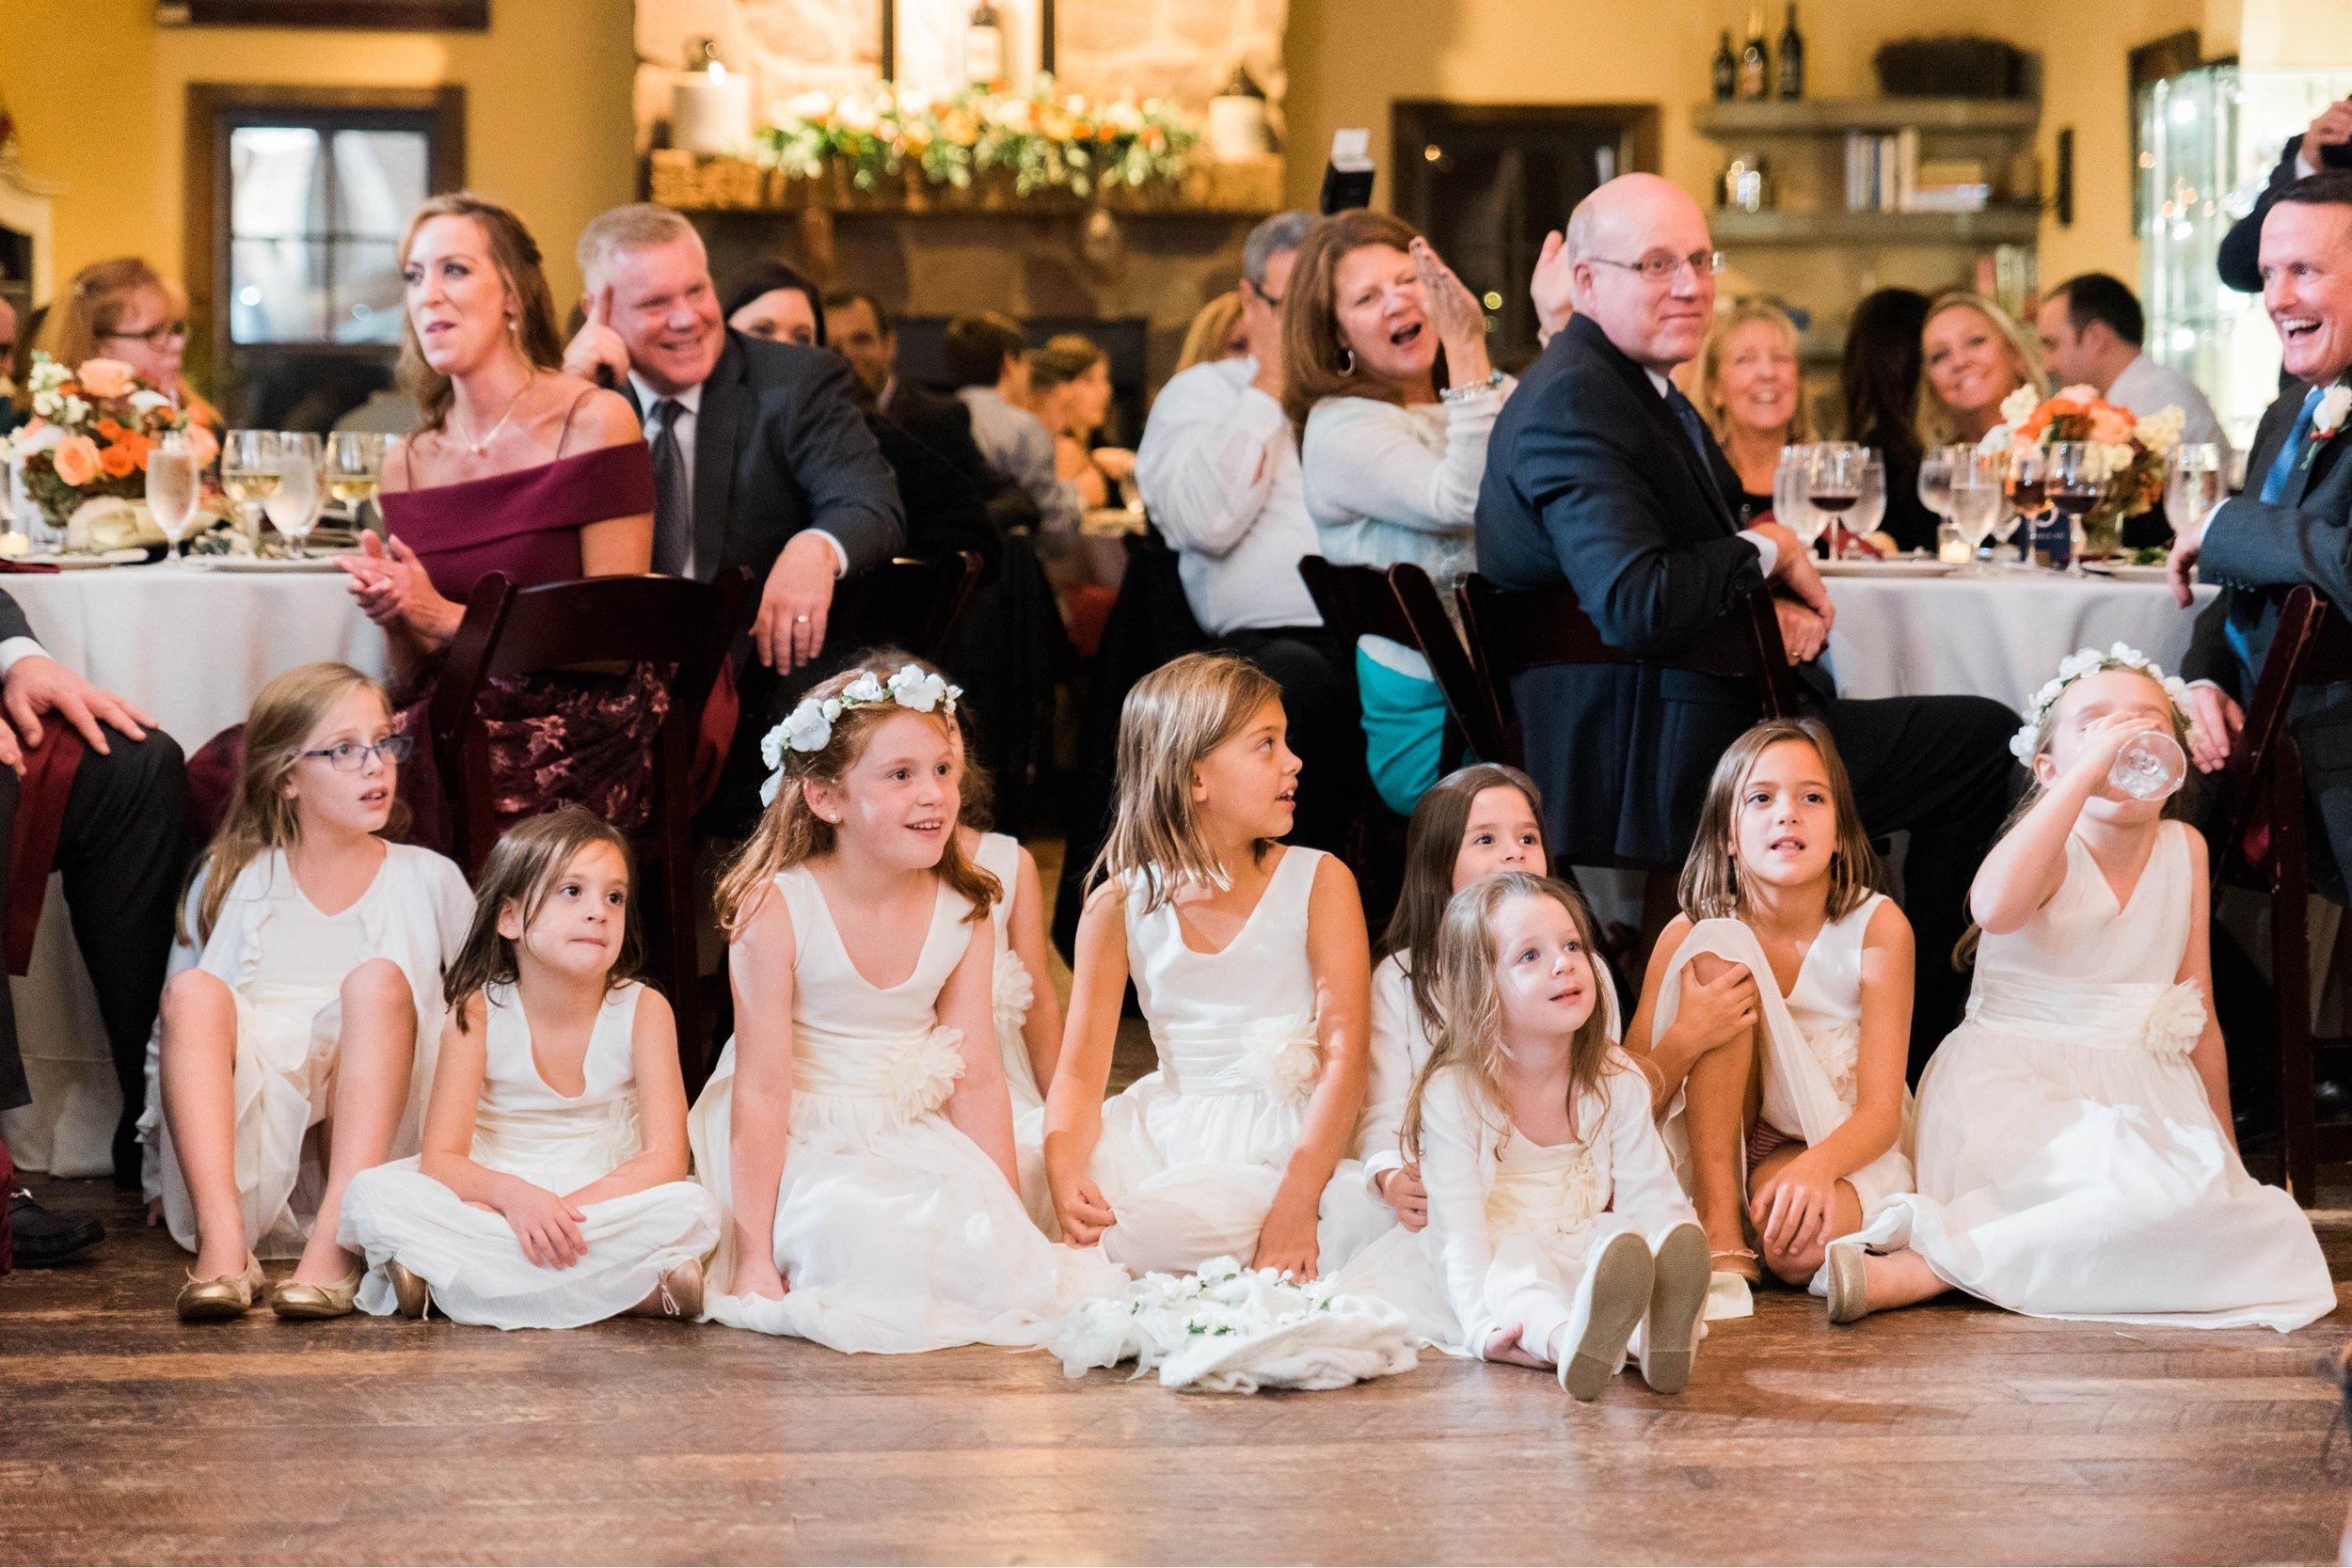 GrantElizabeth_wineryatbullrun_DCwedding_Virginiaweddingphotographer 47.jpg